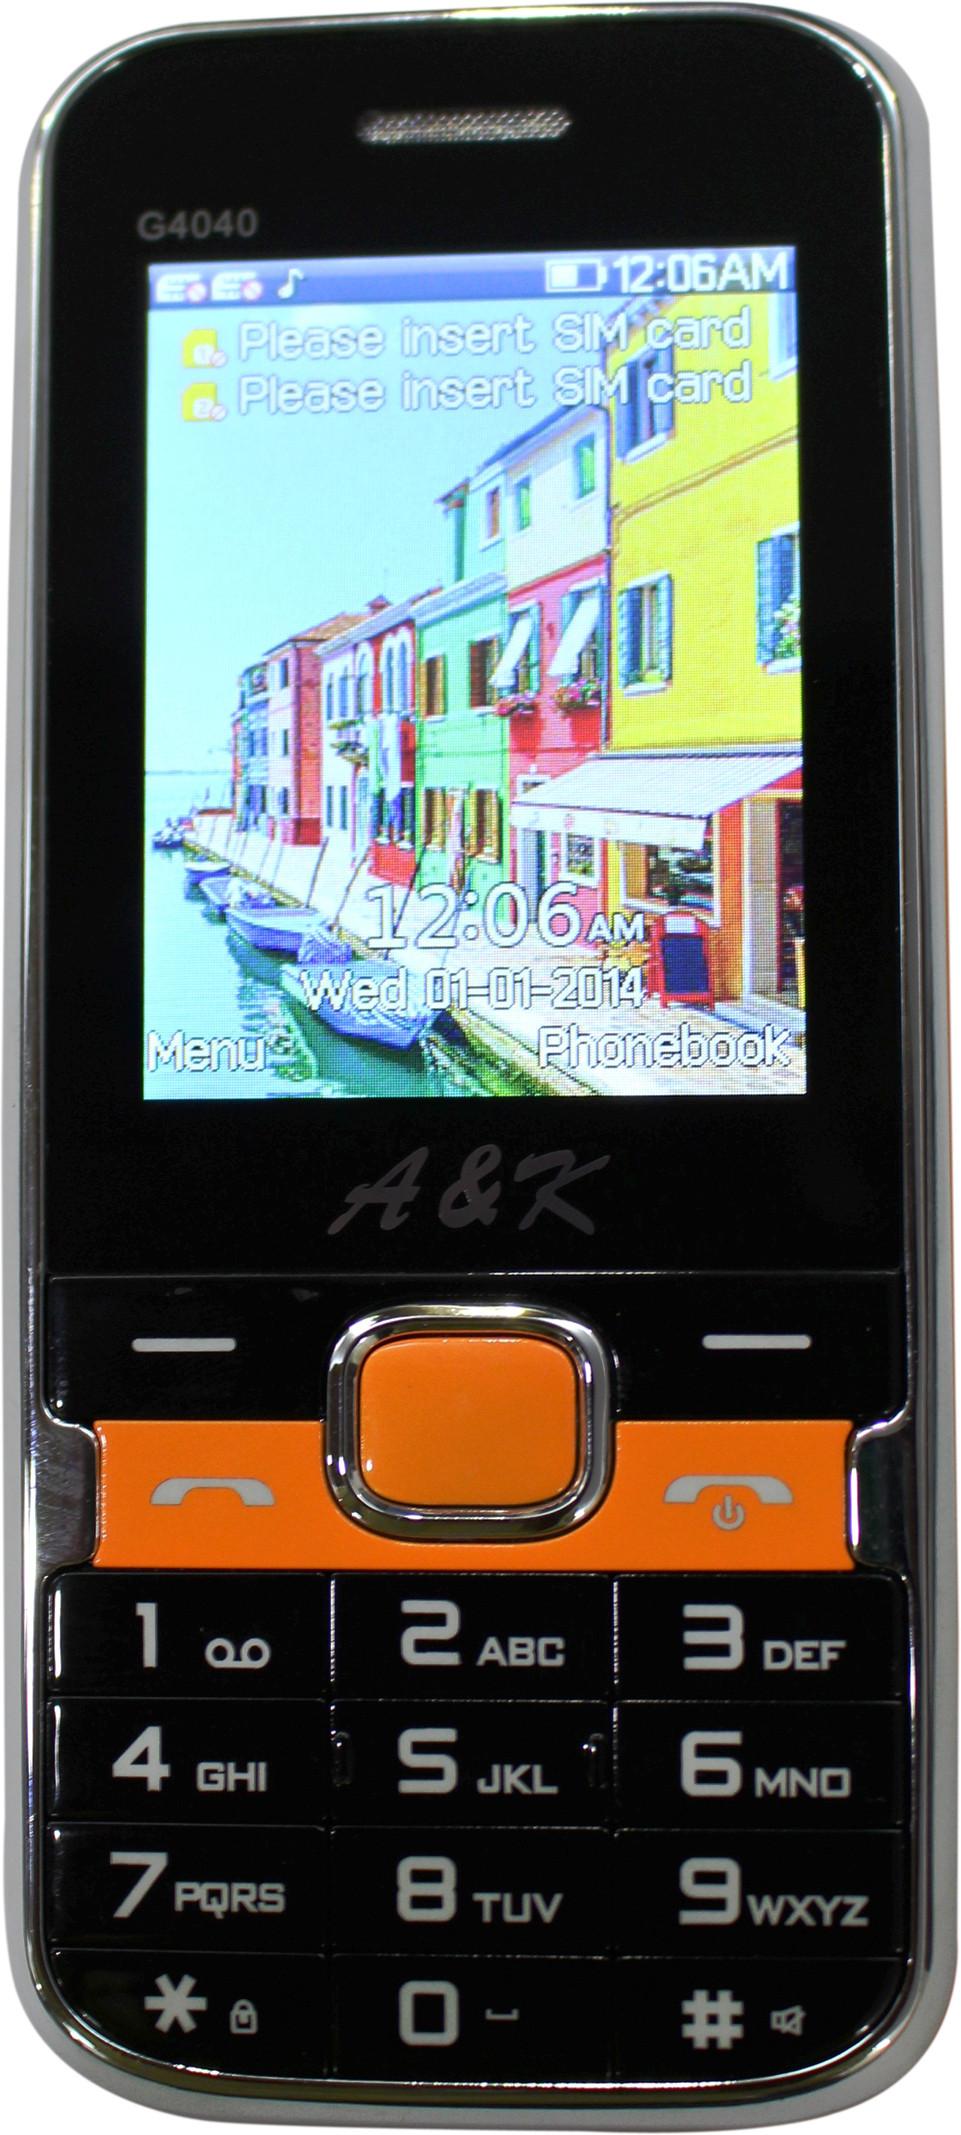 A&K G 4040(Orange)